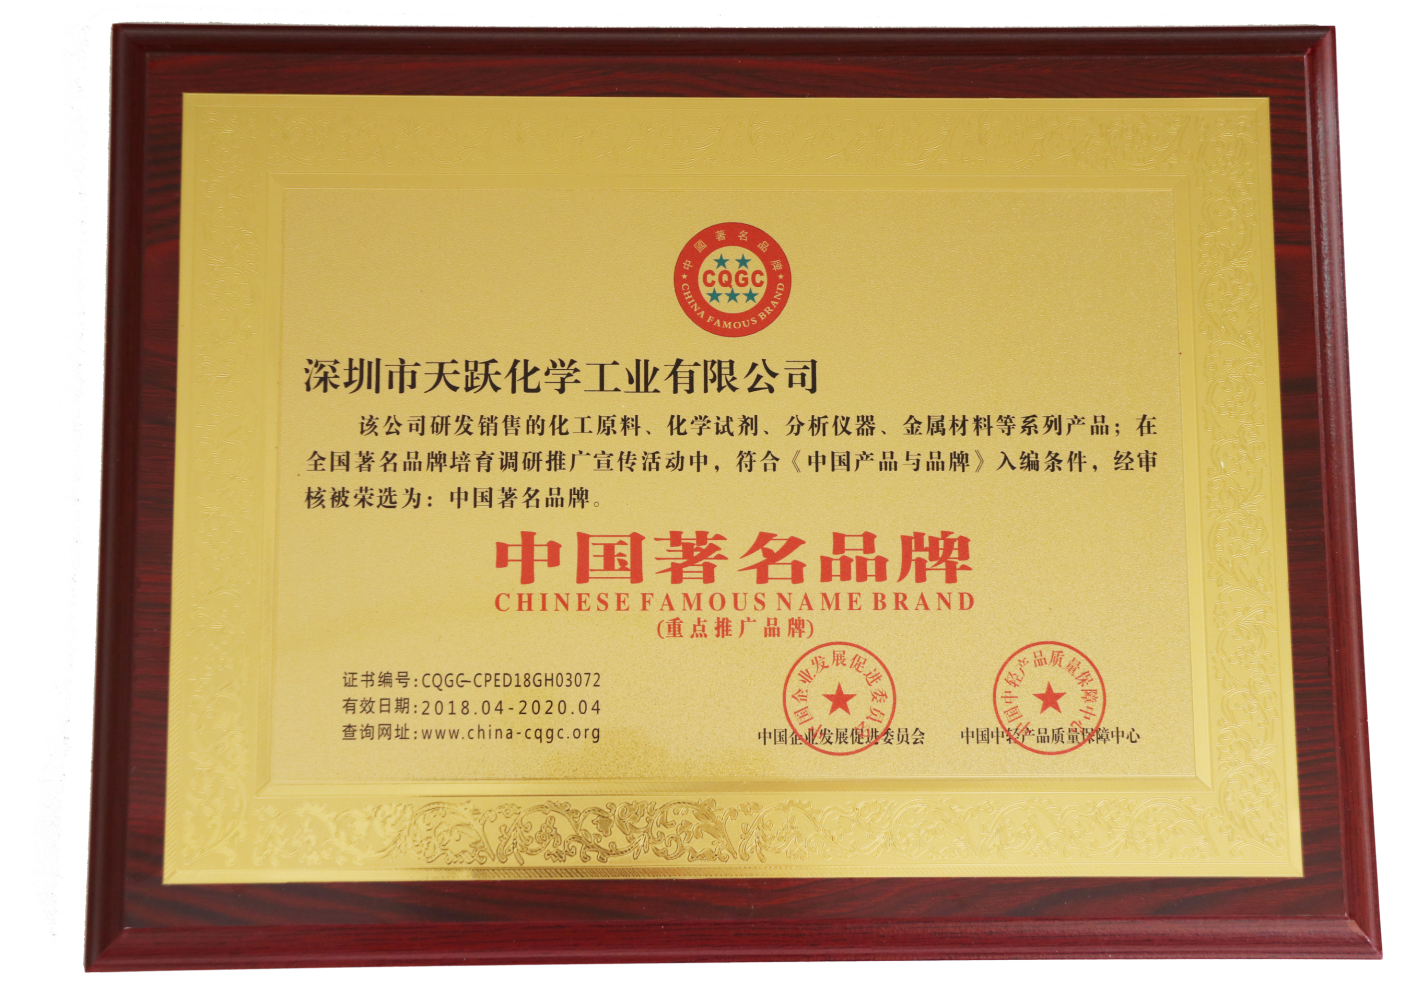 天跃化学中国著名品牌